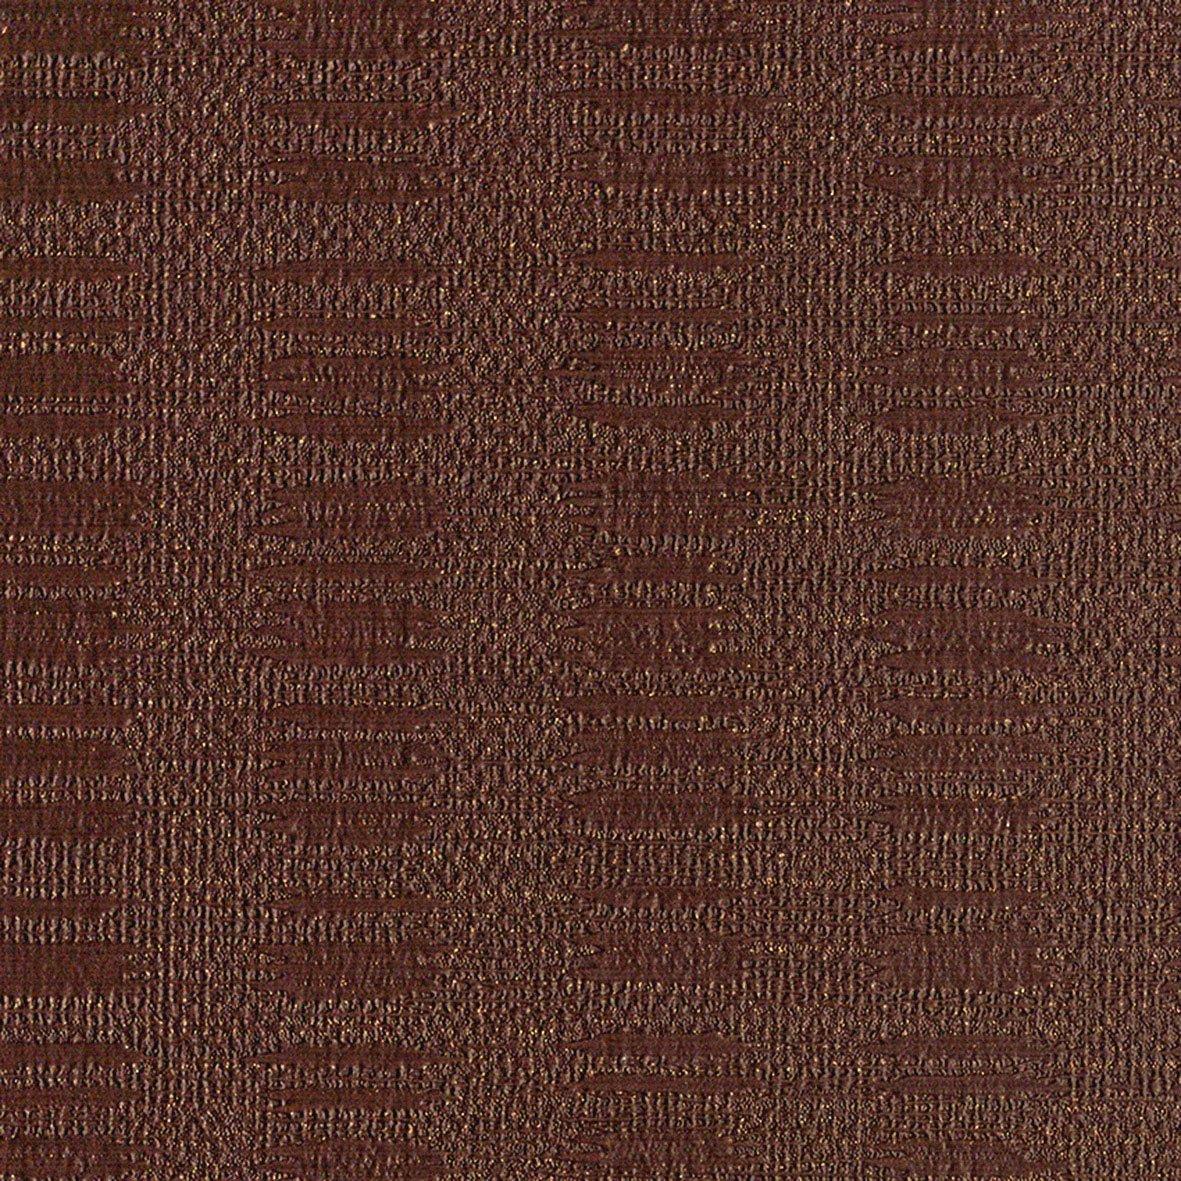 リリカラ 壁紙23m 和 織物調 ブラウン 和調 LV-6394 B01IHPH2IM 23m|ブラウン